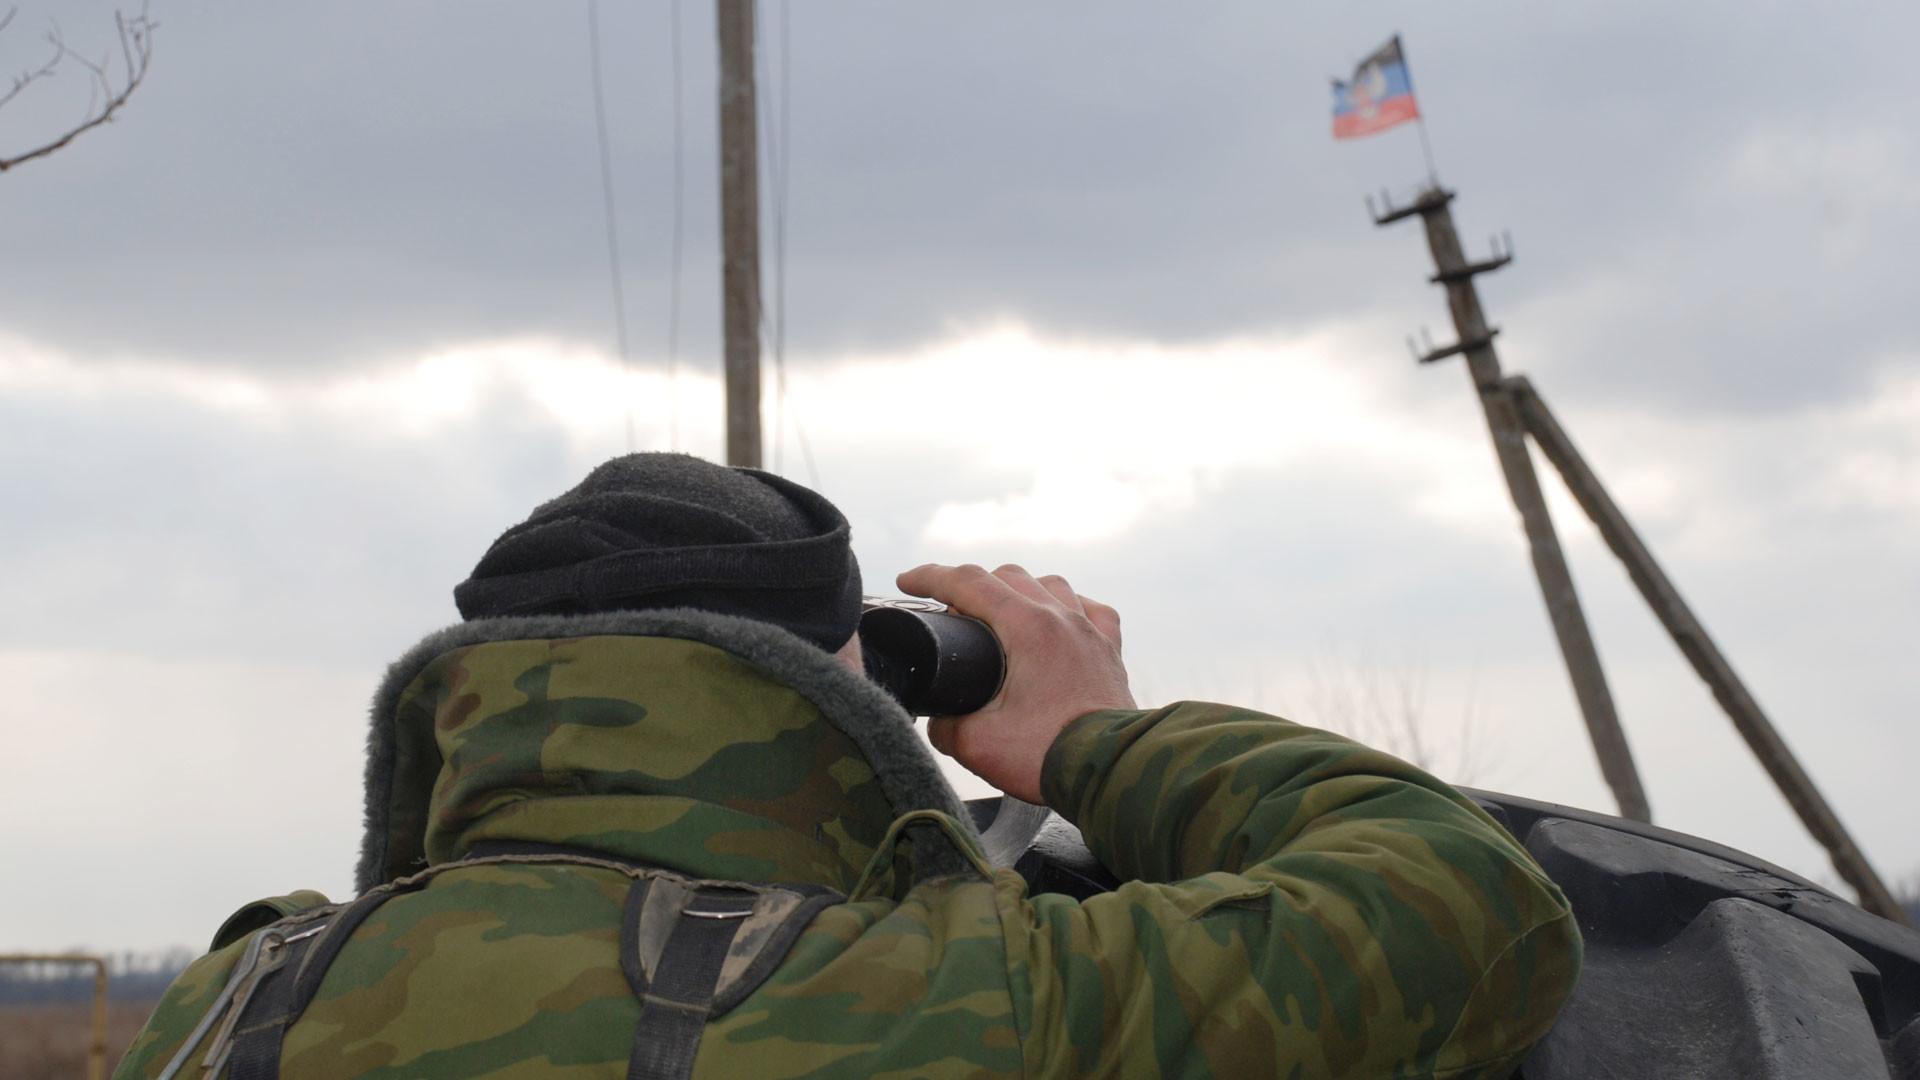 ДНР и ЛНР проведут масштабные военные учения из-за срыва Украиной перемирия